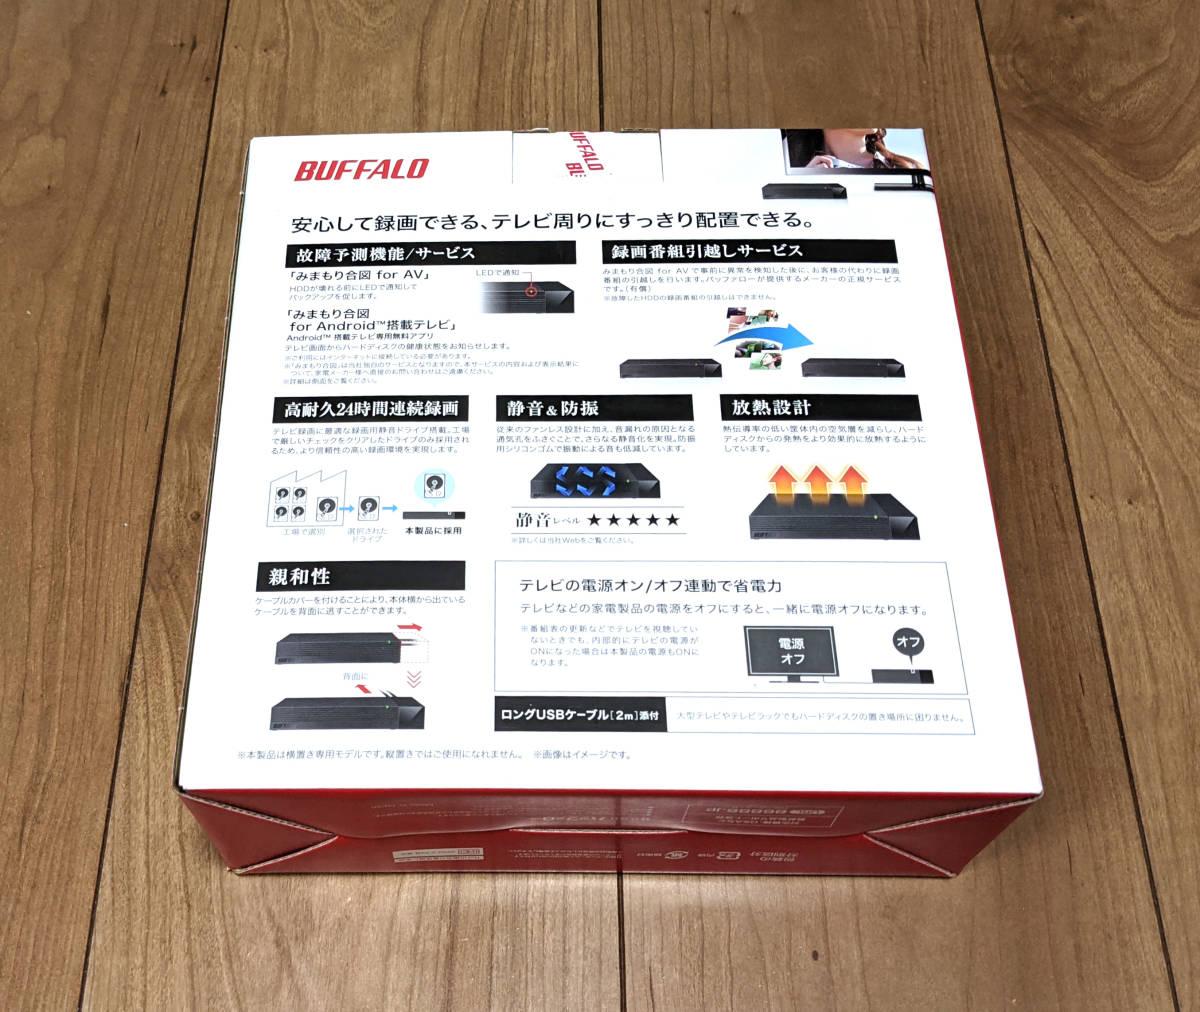 ☆新品未開封☆外付けHDD USB3.1 24時間連続録画対応 静音設計 4TB HDV-LLD4U3BA/D